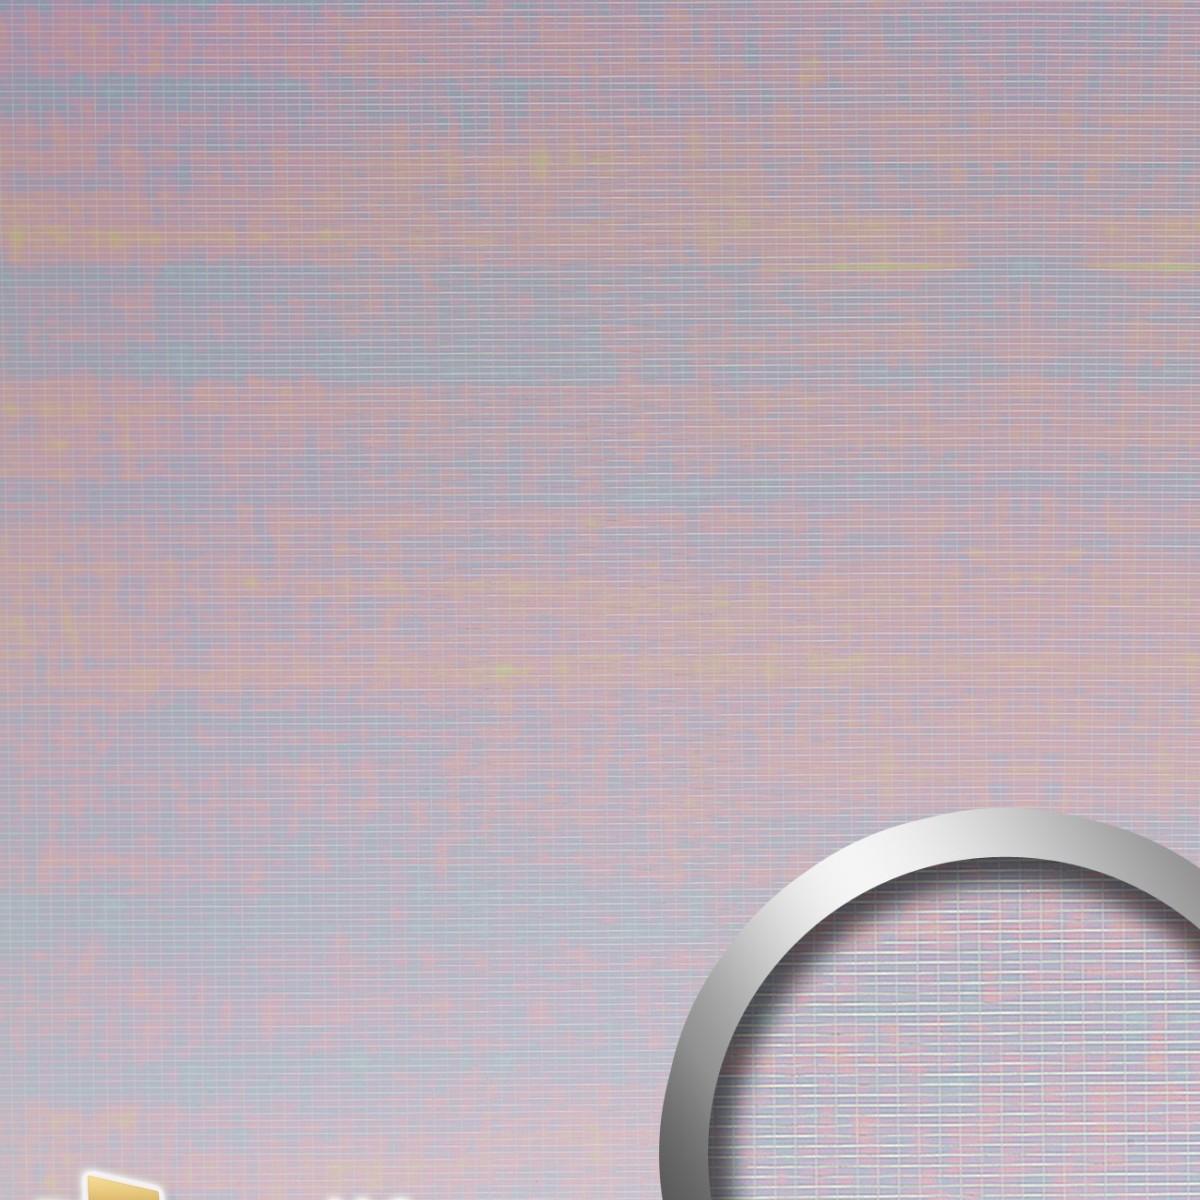 Panou decorativ M-STYLE 17046, WallFace, autocolant